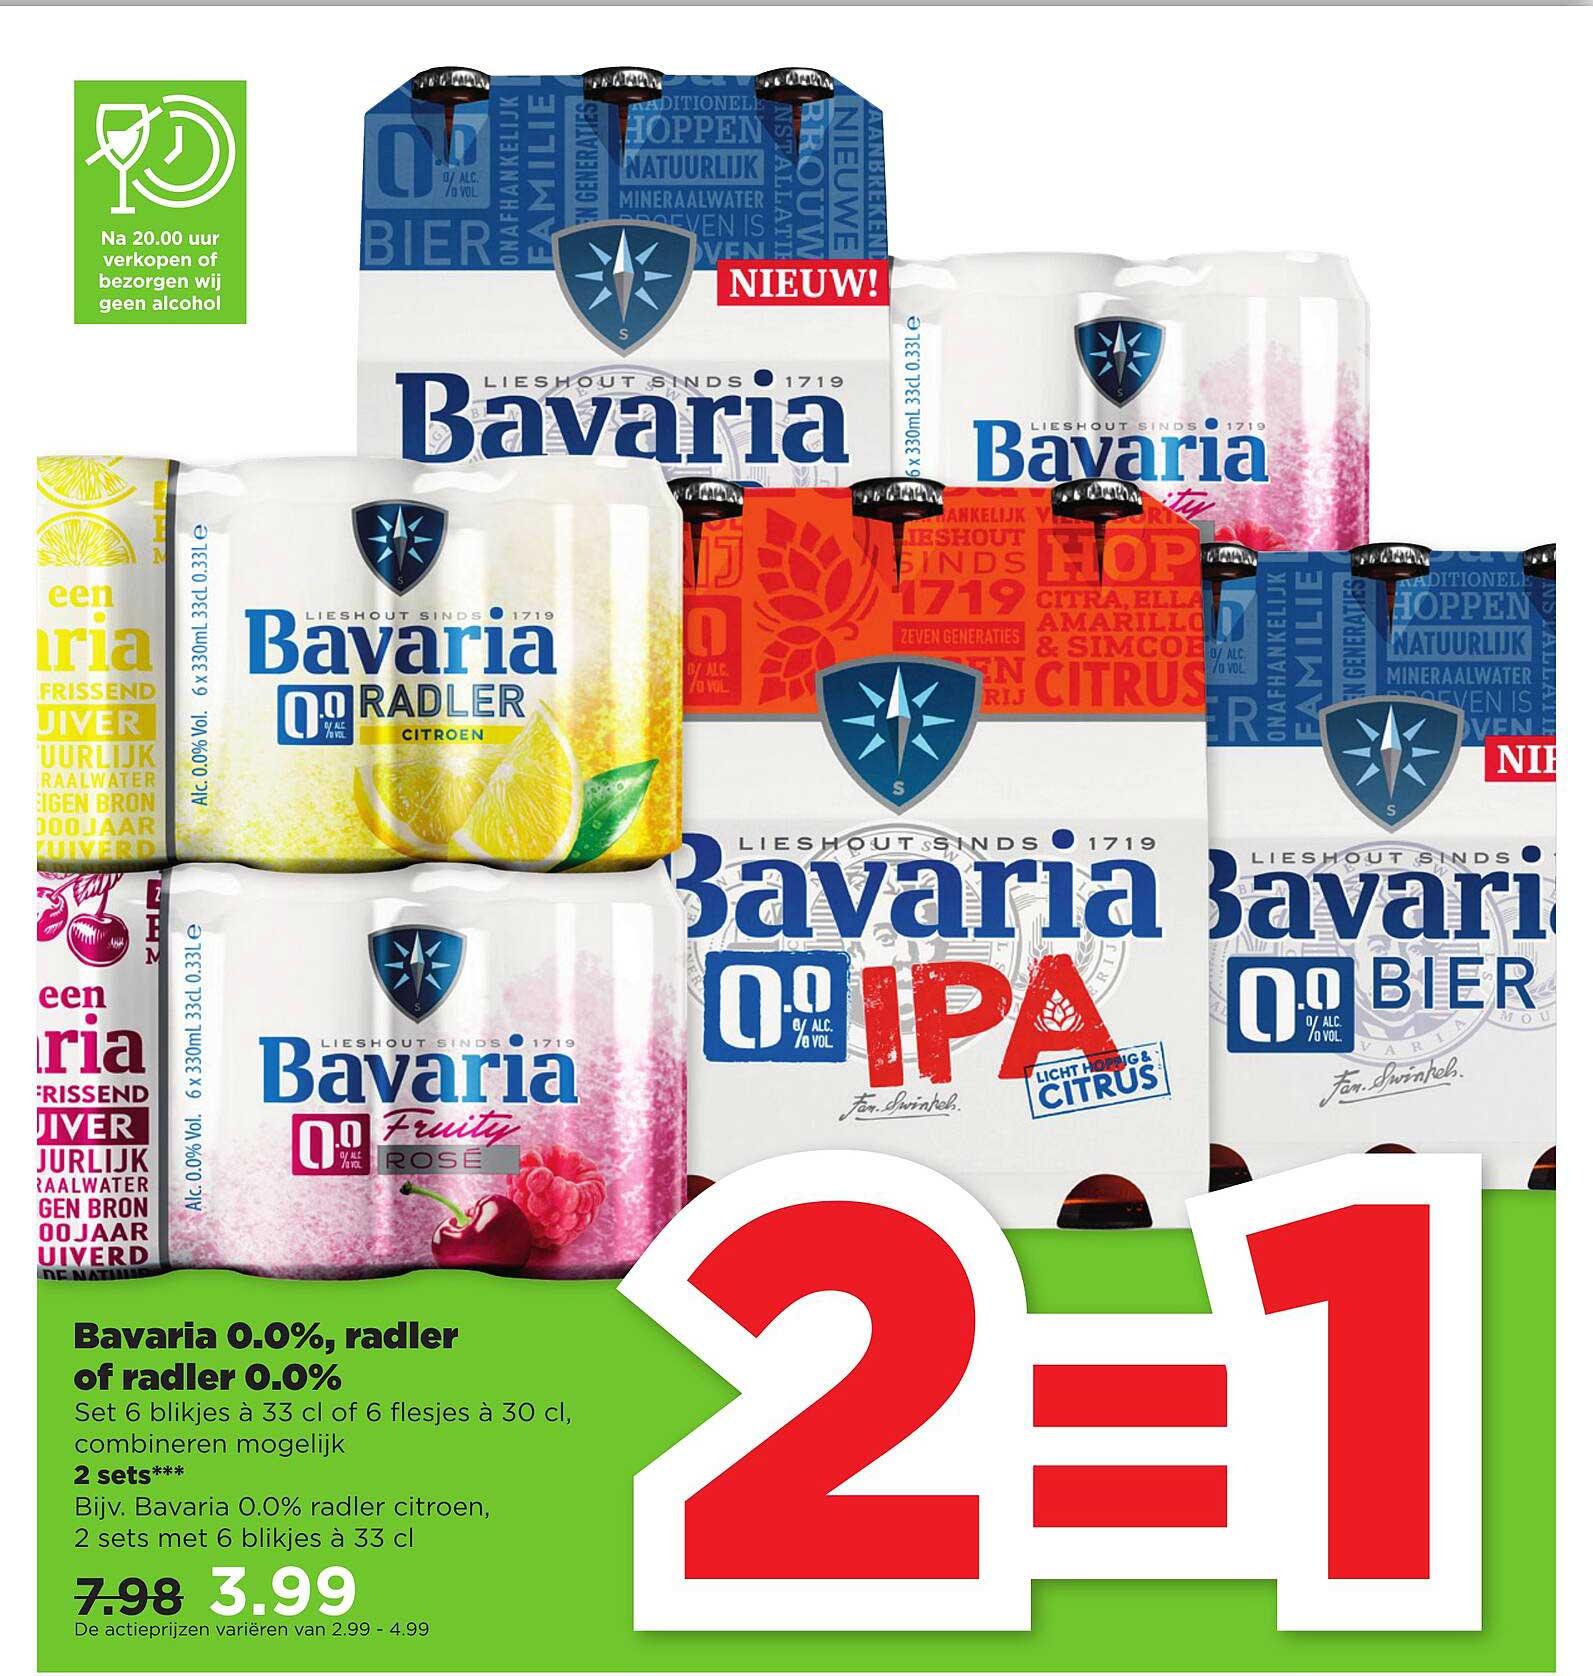 PLUS Bavaria 0.0%, Radler Of Radler 0.0%